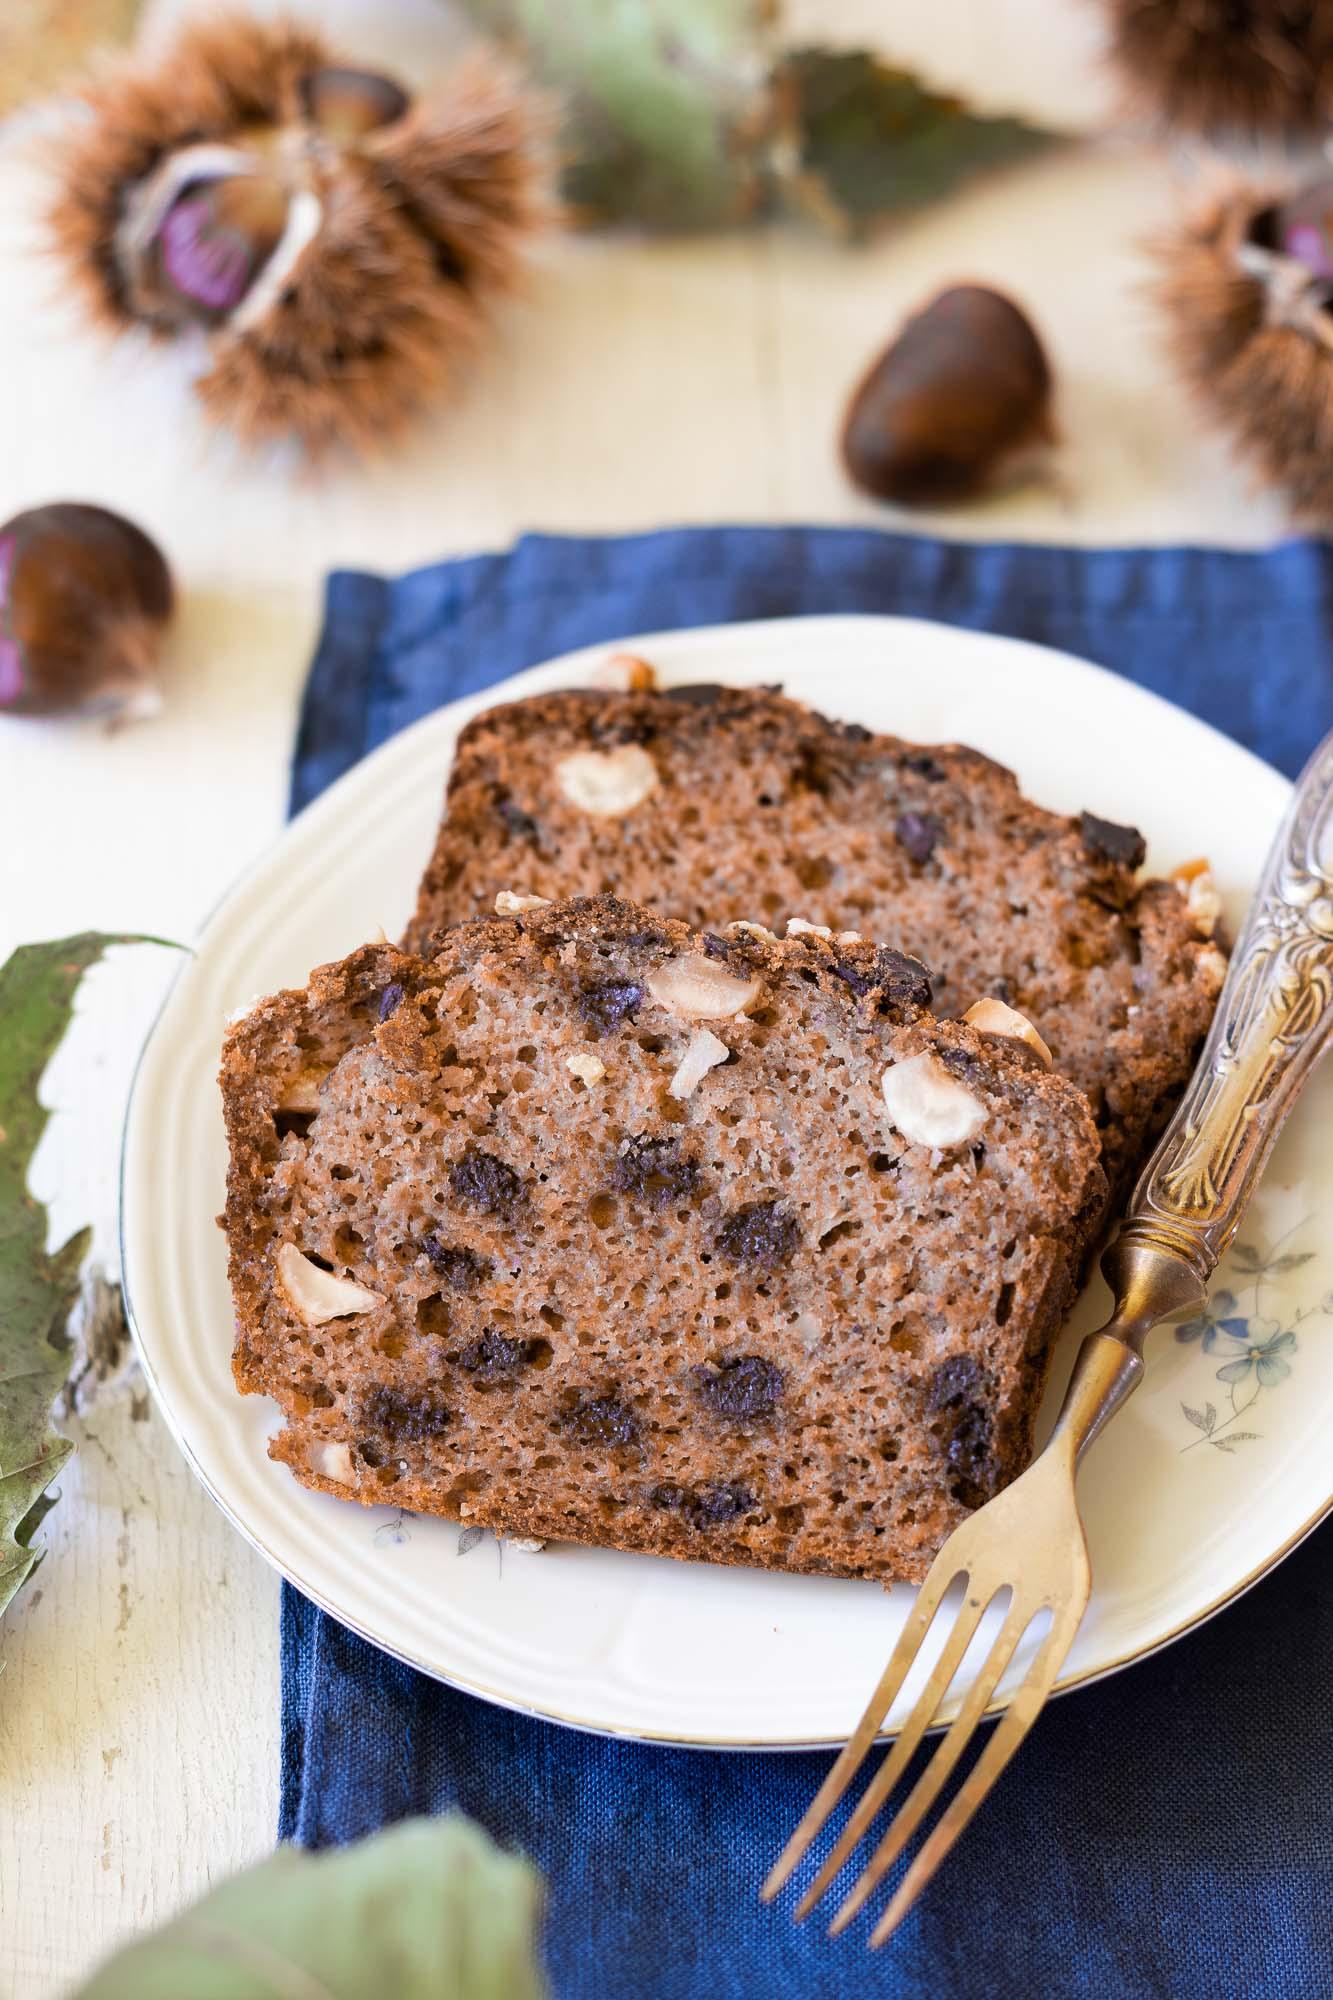 Banana bread con farina di castagne e cioccolato